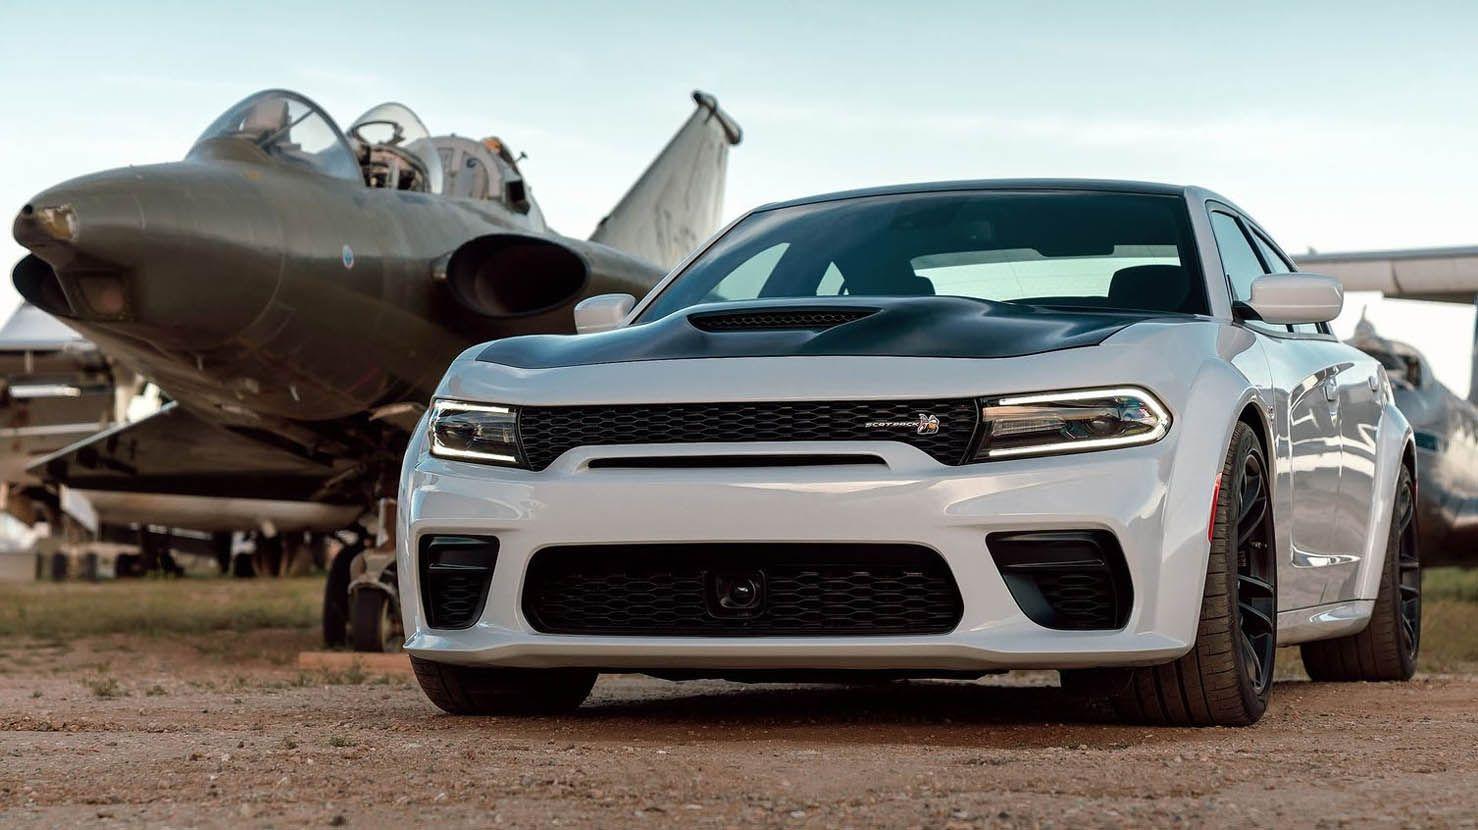 دودج تشارجر سكات باك وايد بودي 2020 الجديدة الحزمة الرياضية المتفوقة موقع ويلز Dodge Charger Scat Pack Dodge Charger Hellcat